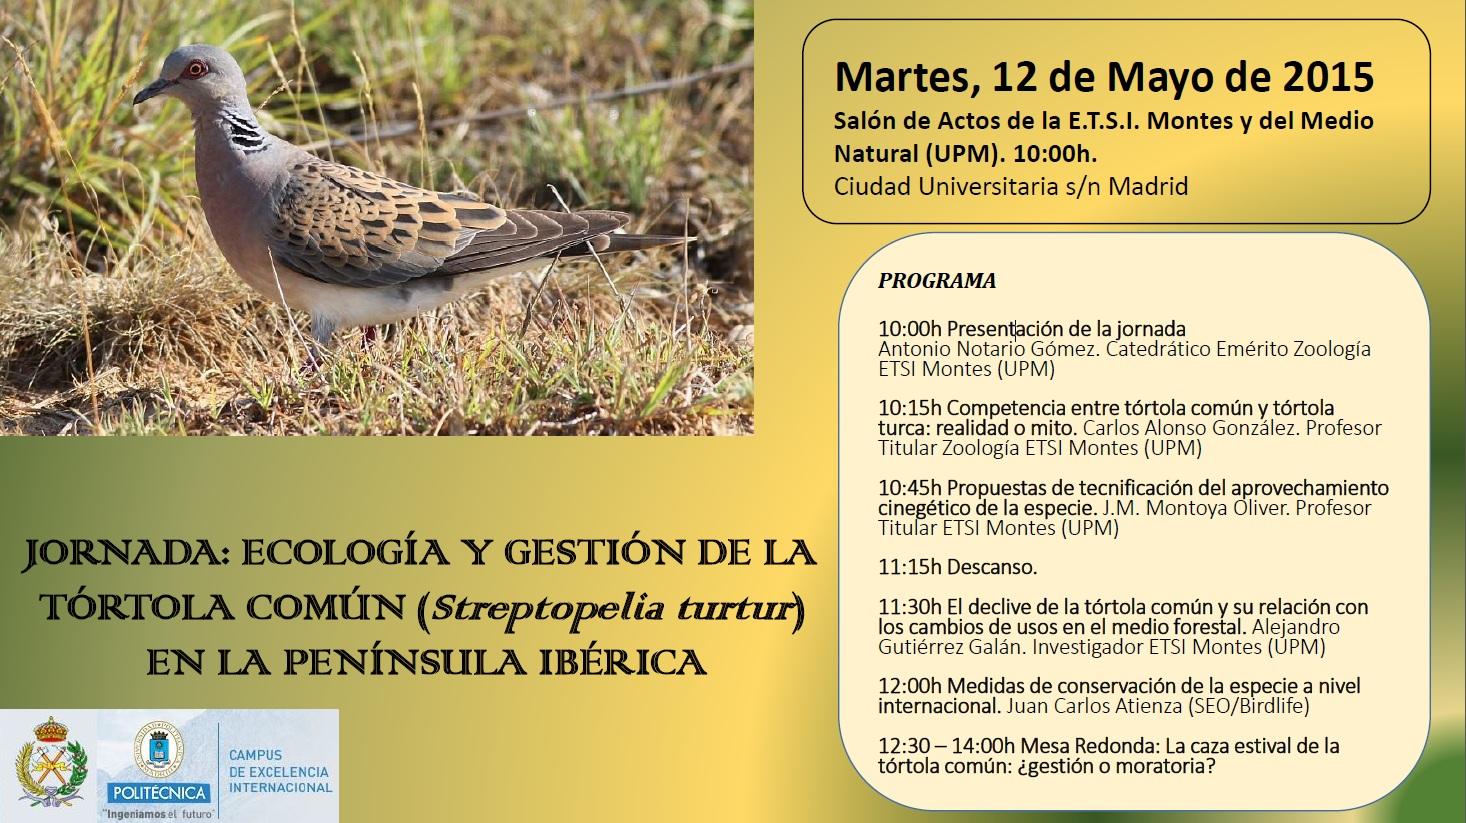 La Catedra de Zoología de la Escuela de Ingenieros de Montes de Madrid (UPM) organiza una jornada sobre la gestión y ecología de la tórtola común